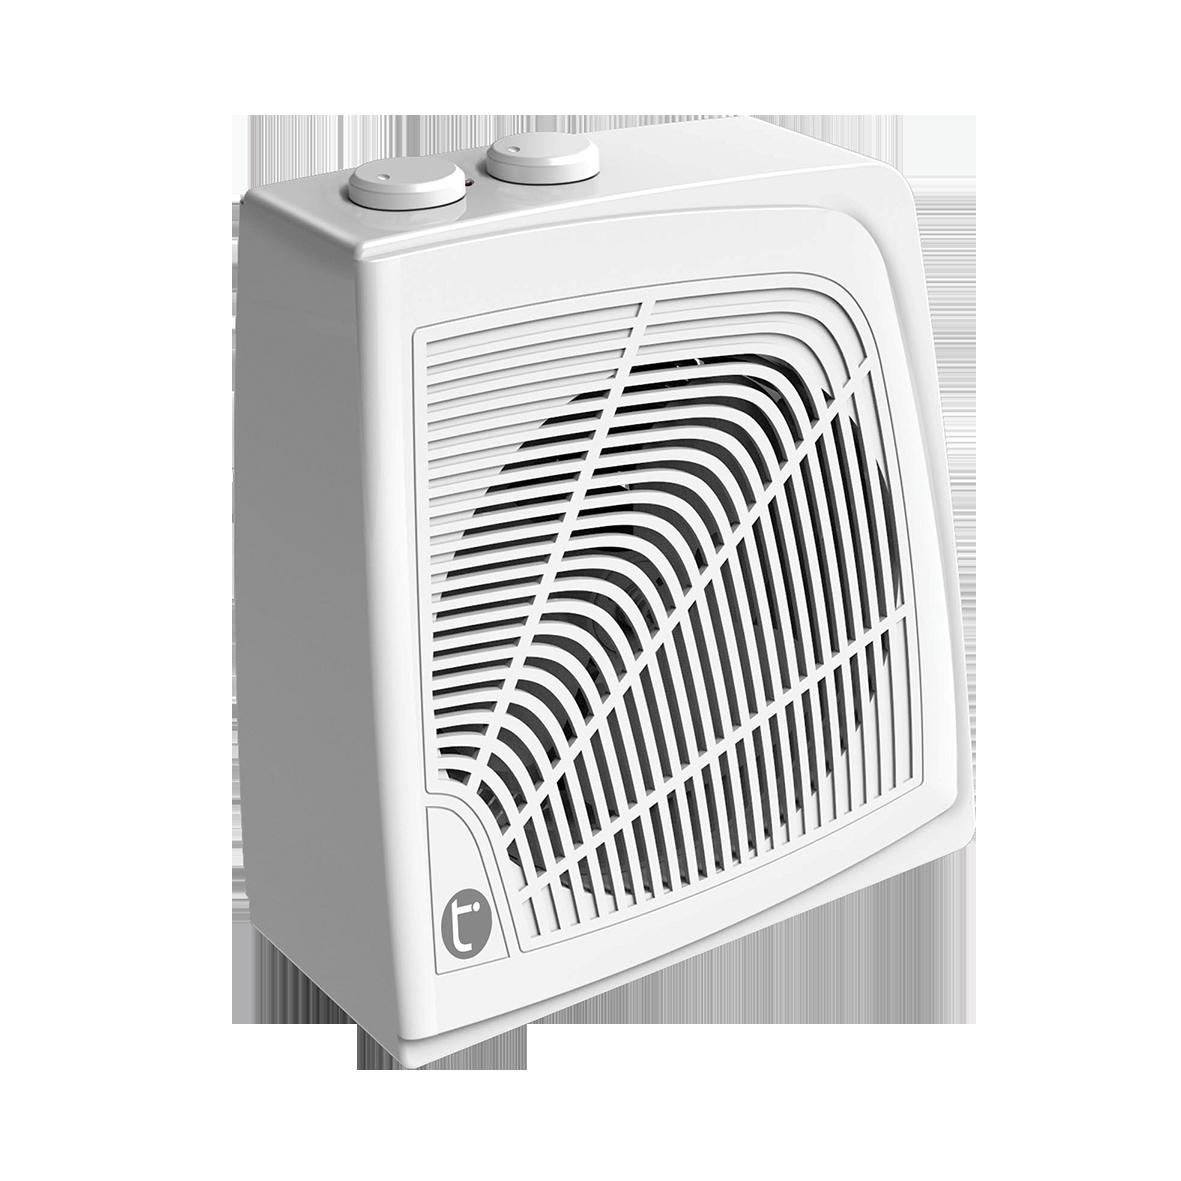 Тепловентилятор Timberk TFH S20QSSОбогреватели<br><br><br>Тип: термовентилятор<br>Тип нагревательного элемента: электрическая спираль<br>Площадь обогрева, кв.м: 22<br>Вентиляция без нагрева: есть<br>Отключение при перегреве: есть<br>Вентилятор : есть<br>Управление: механическое<br>Регулировка температуры: есть<br>Термостат: есть<br>Габариты: 200x115x235 мм